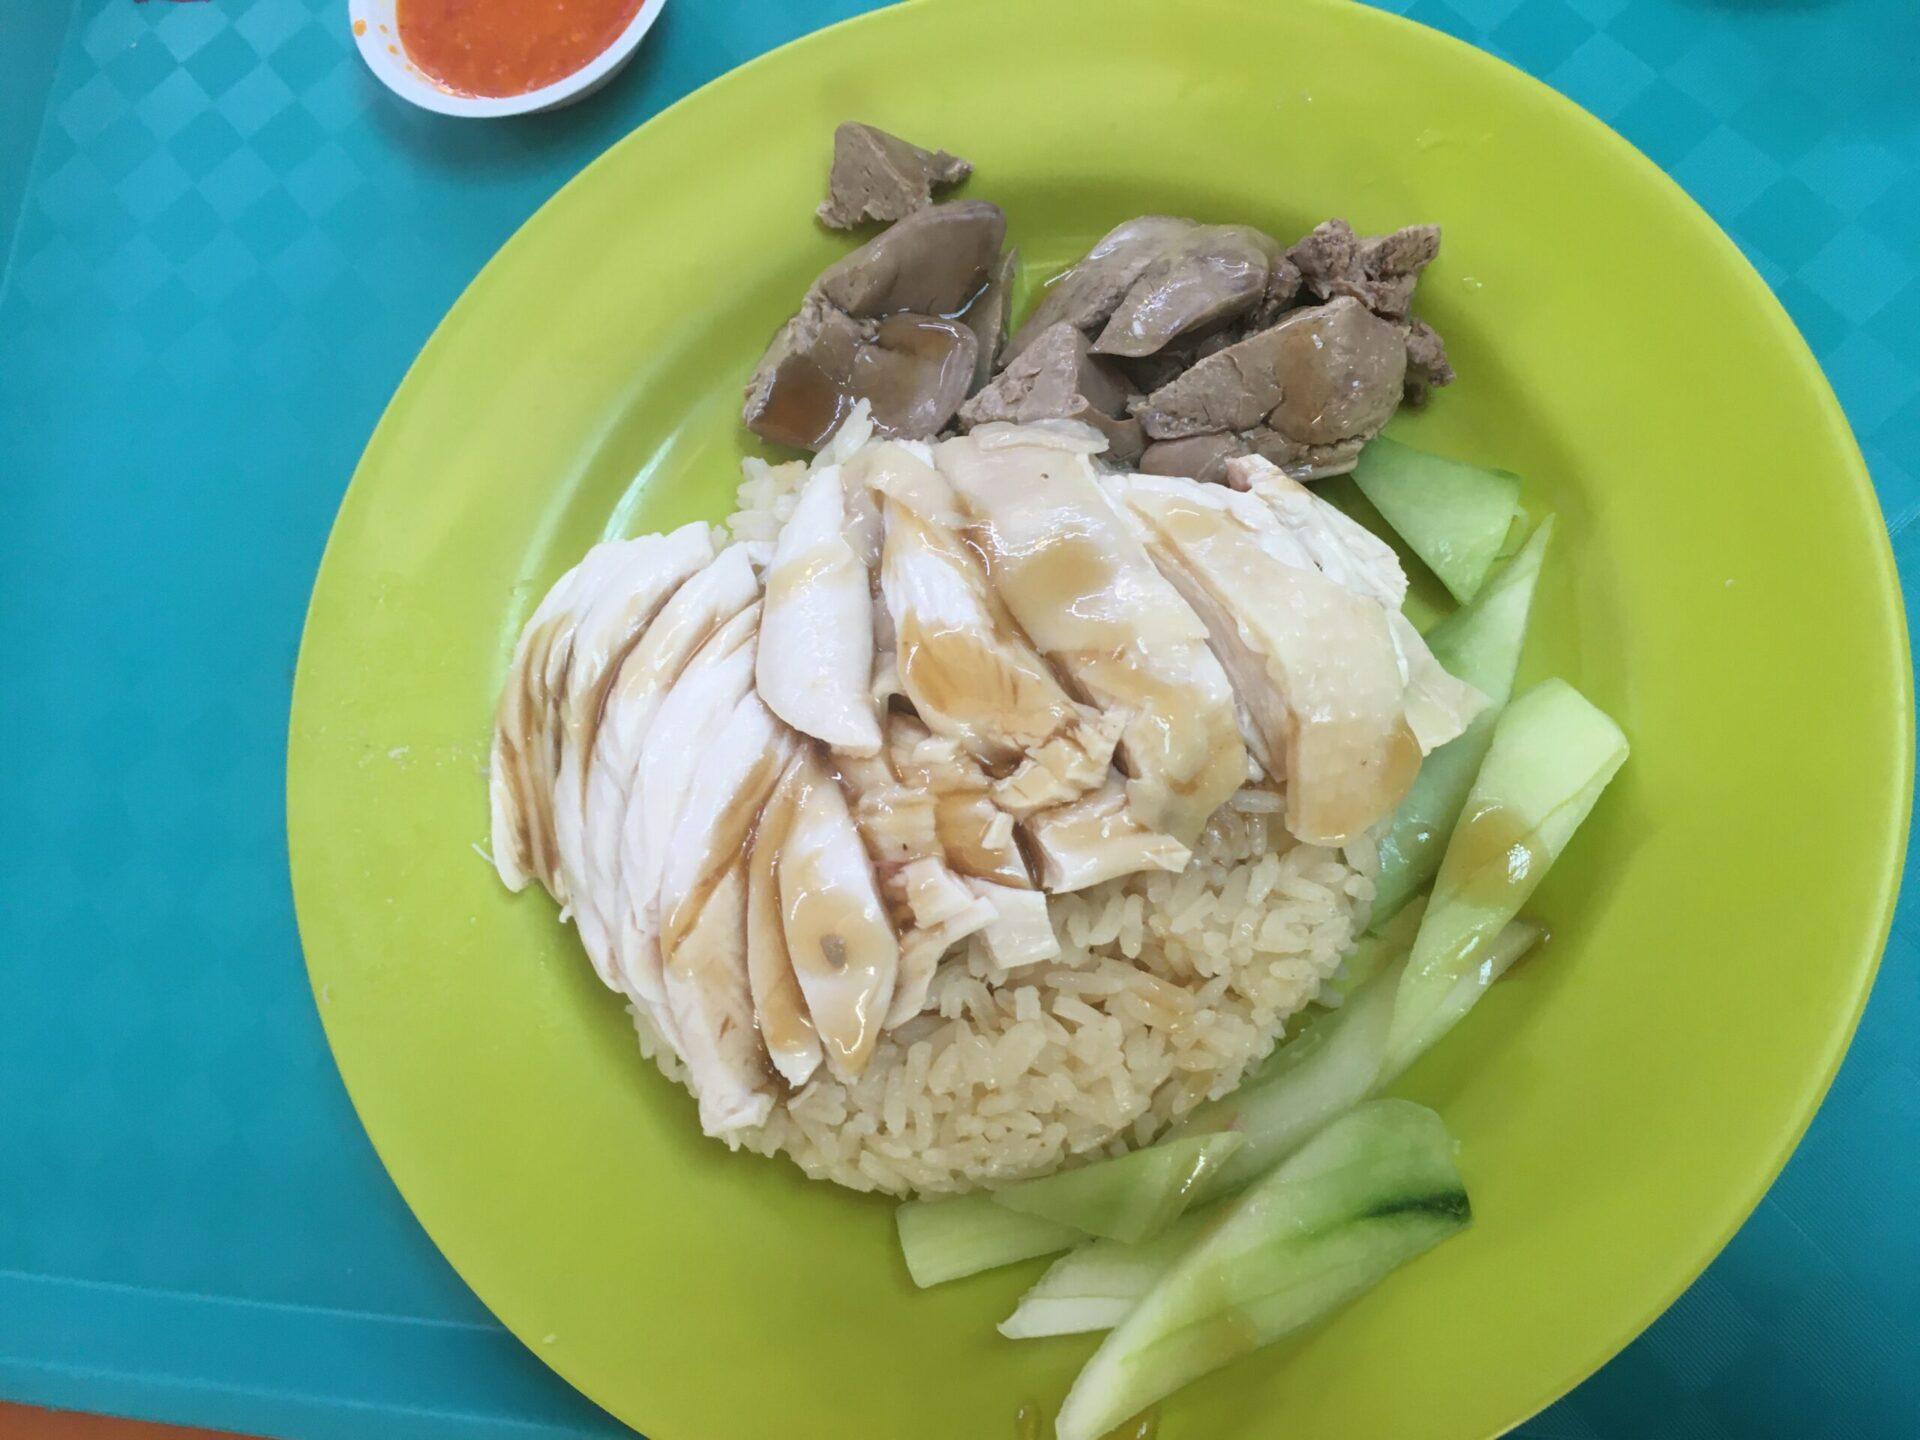 シンガポールの庶民食堂、ホーカーでご飯を食べよう!vol.3